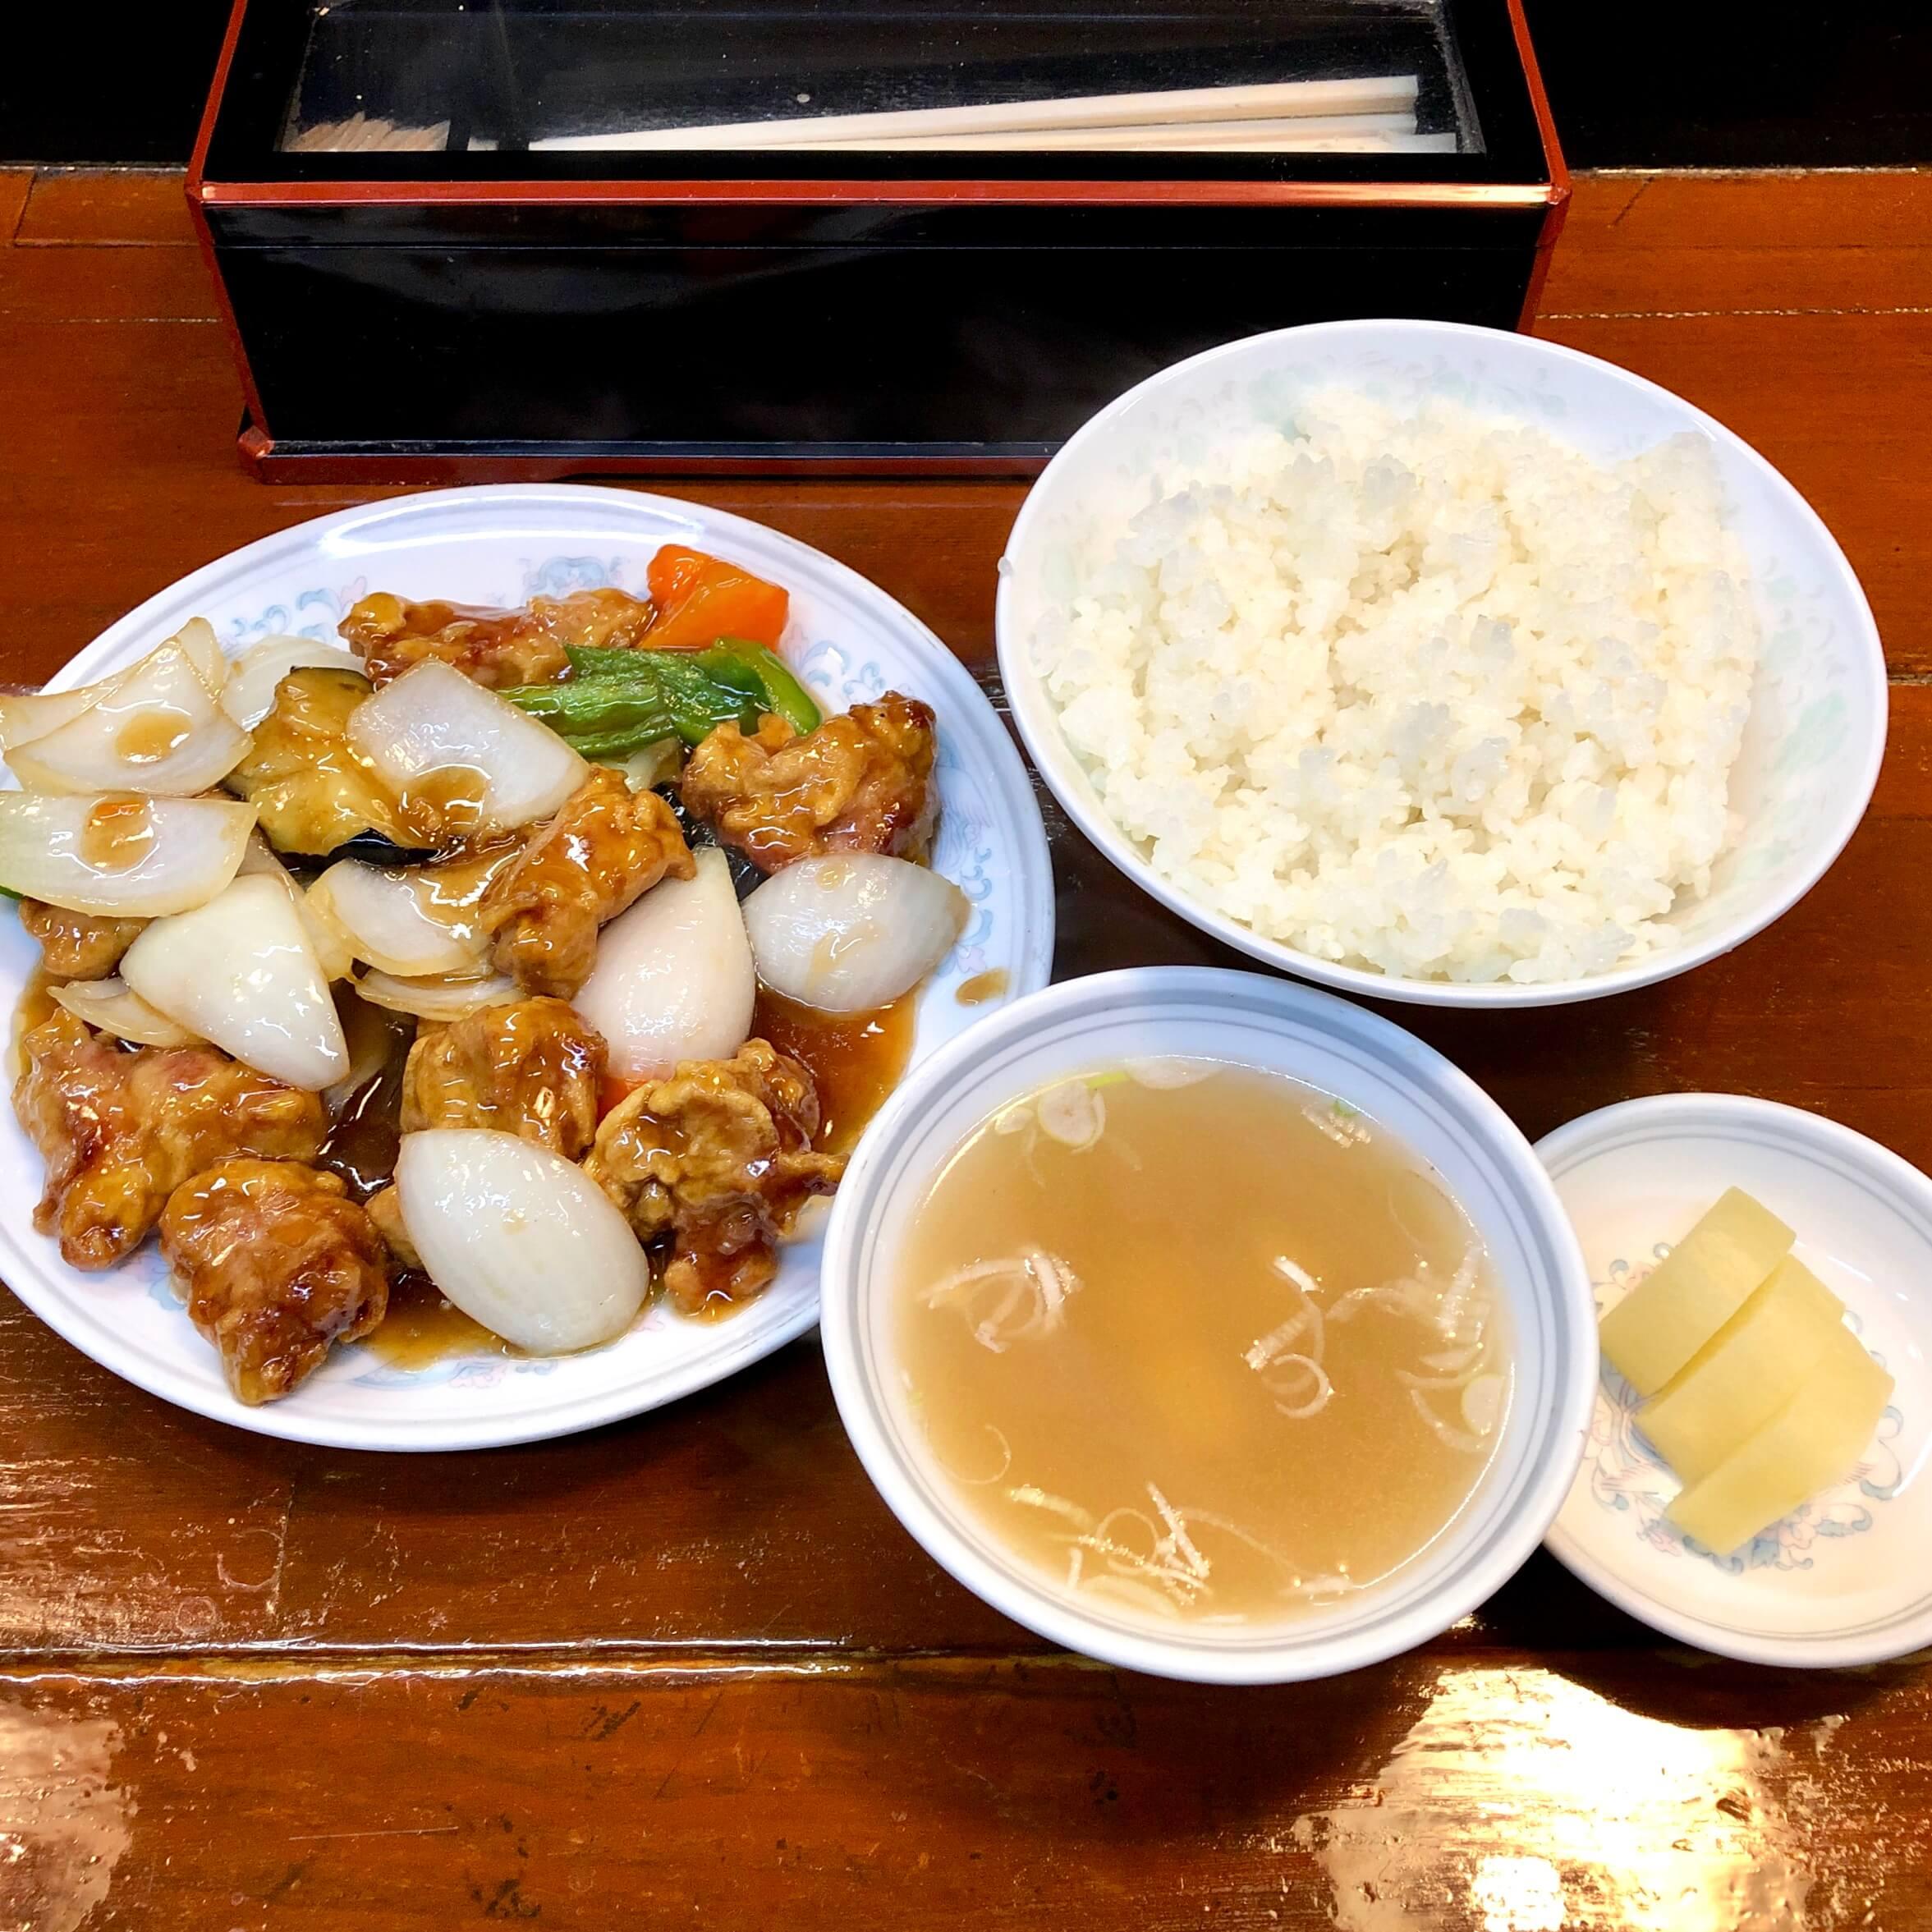 鳳春(ほうしゅん)上尾の本格中華料理屋さんで週替わりランチを味わう